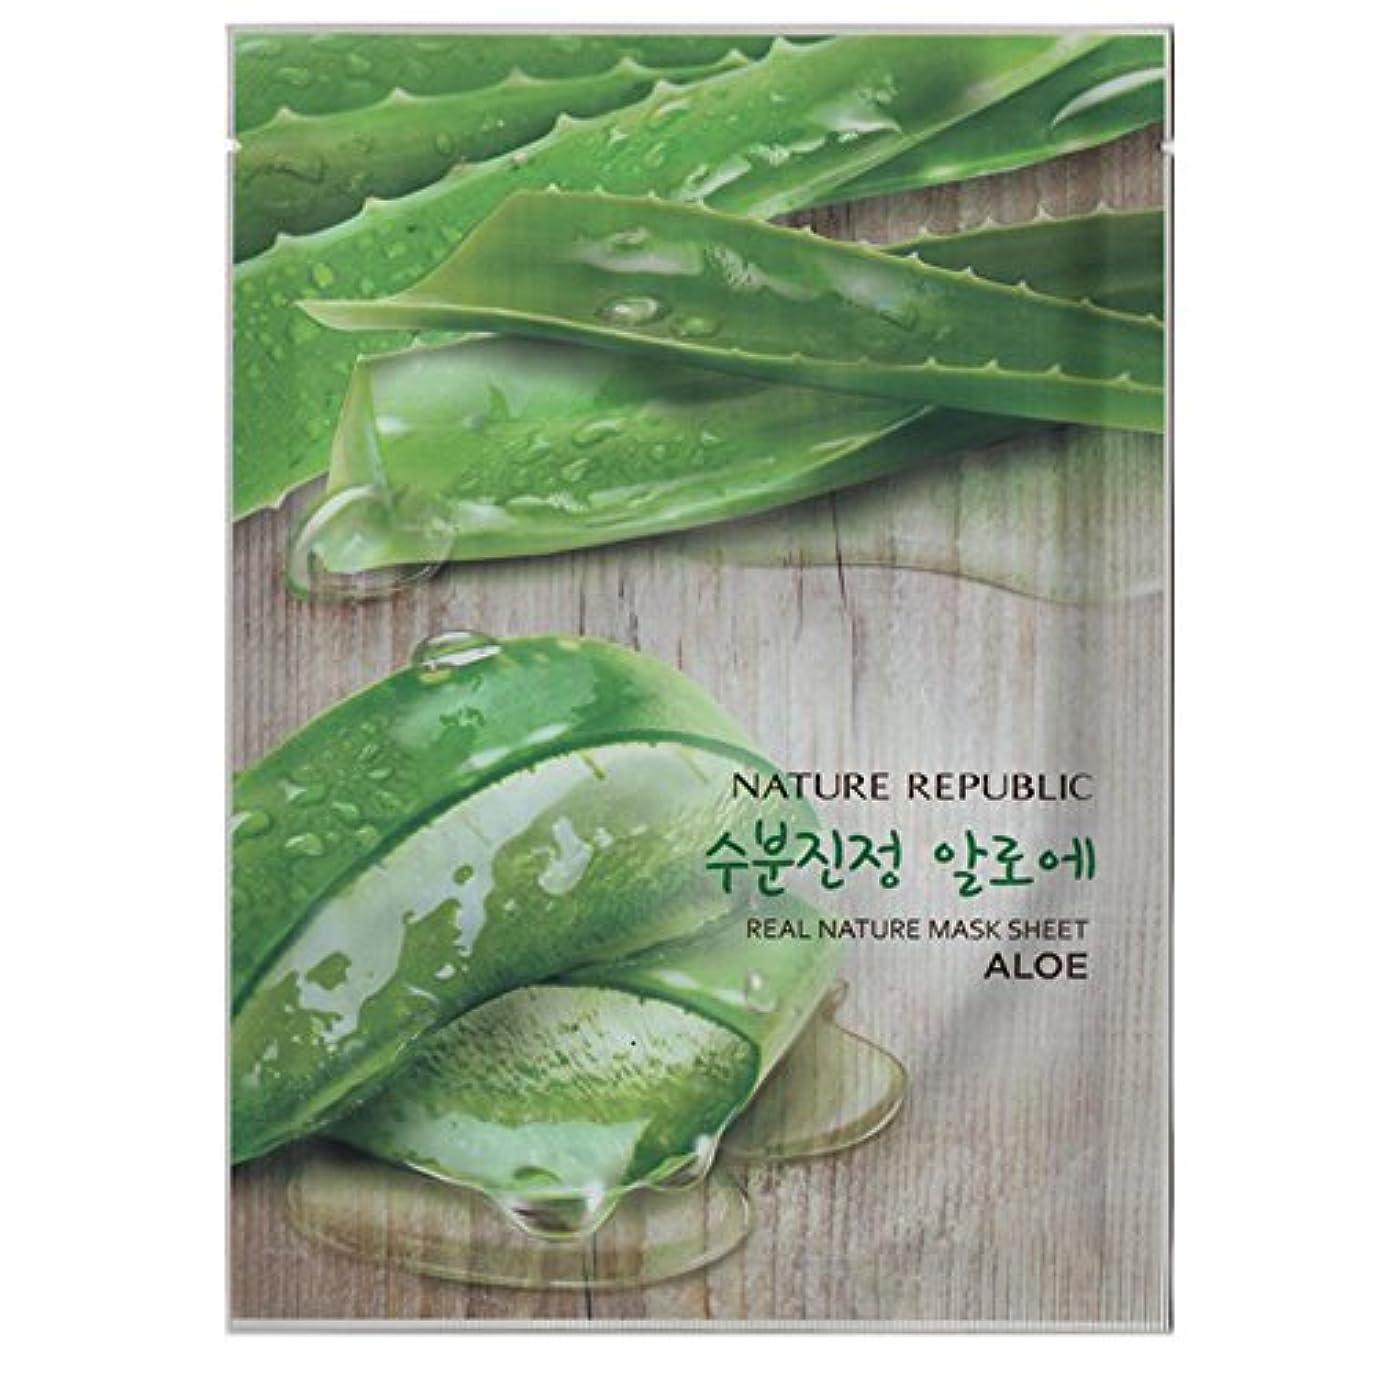 命題インタビューパーティー[NATURE REPUBLIC] リアルネイチャー マスクシート Real Nature Mask Sheet (Aloe (アロエ) 10個) [並行輸入品]